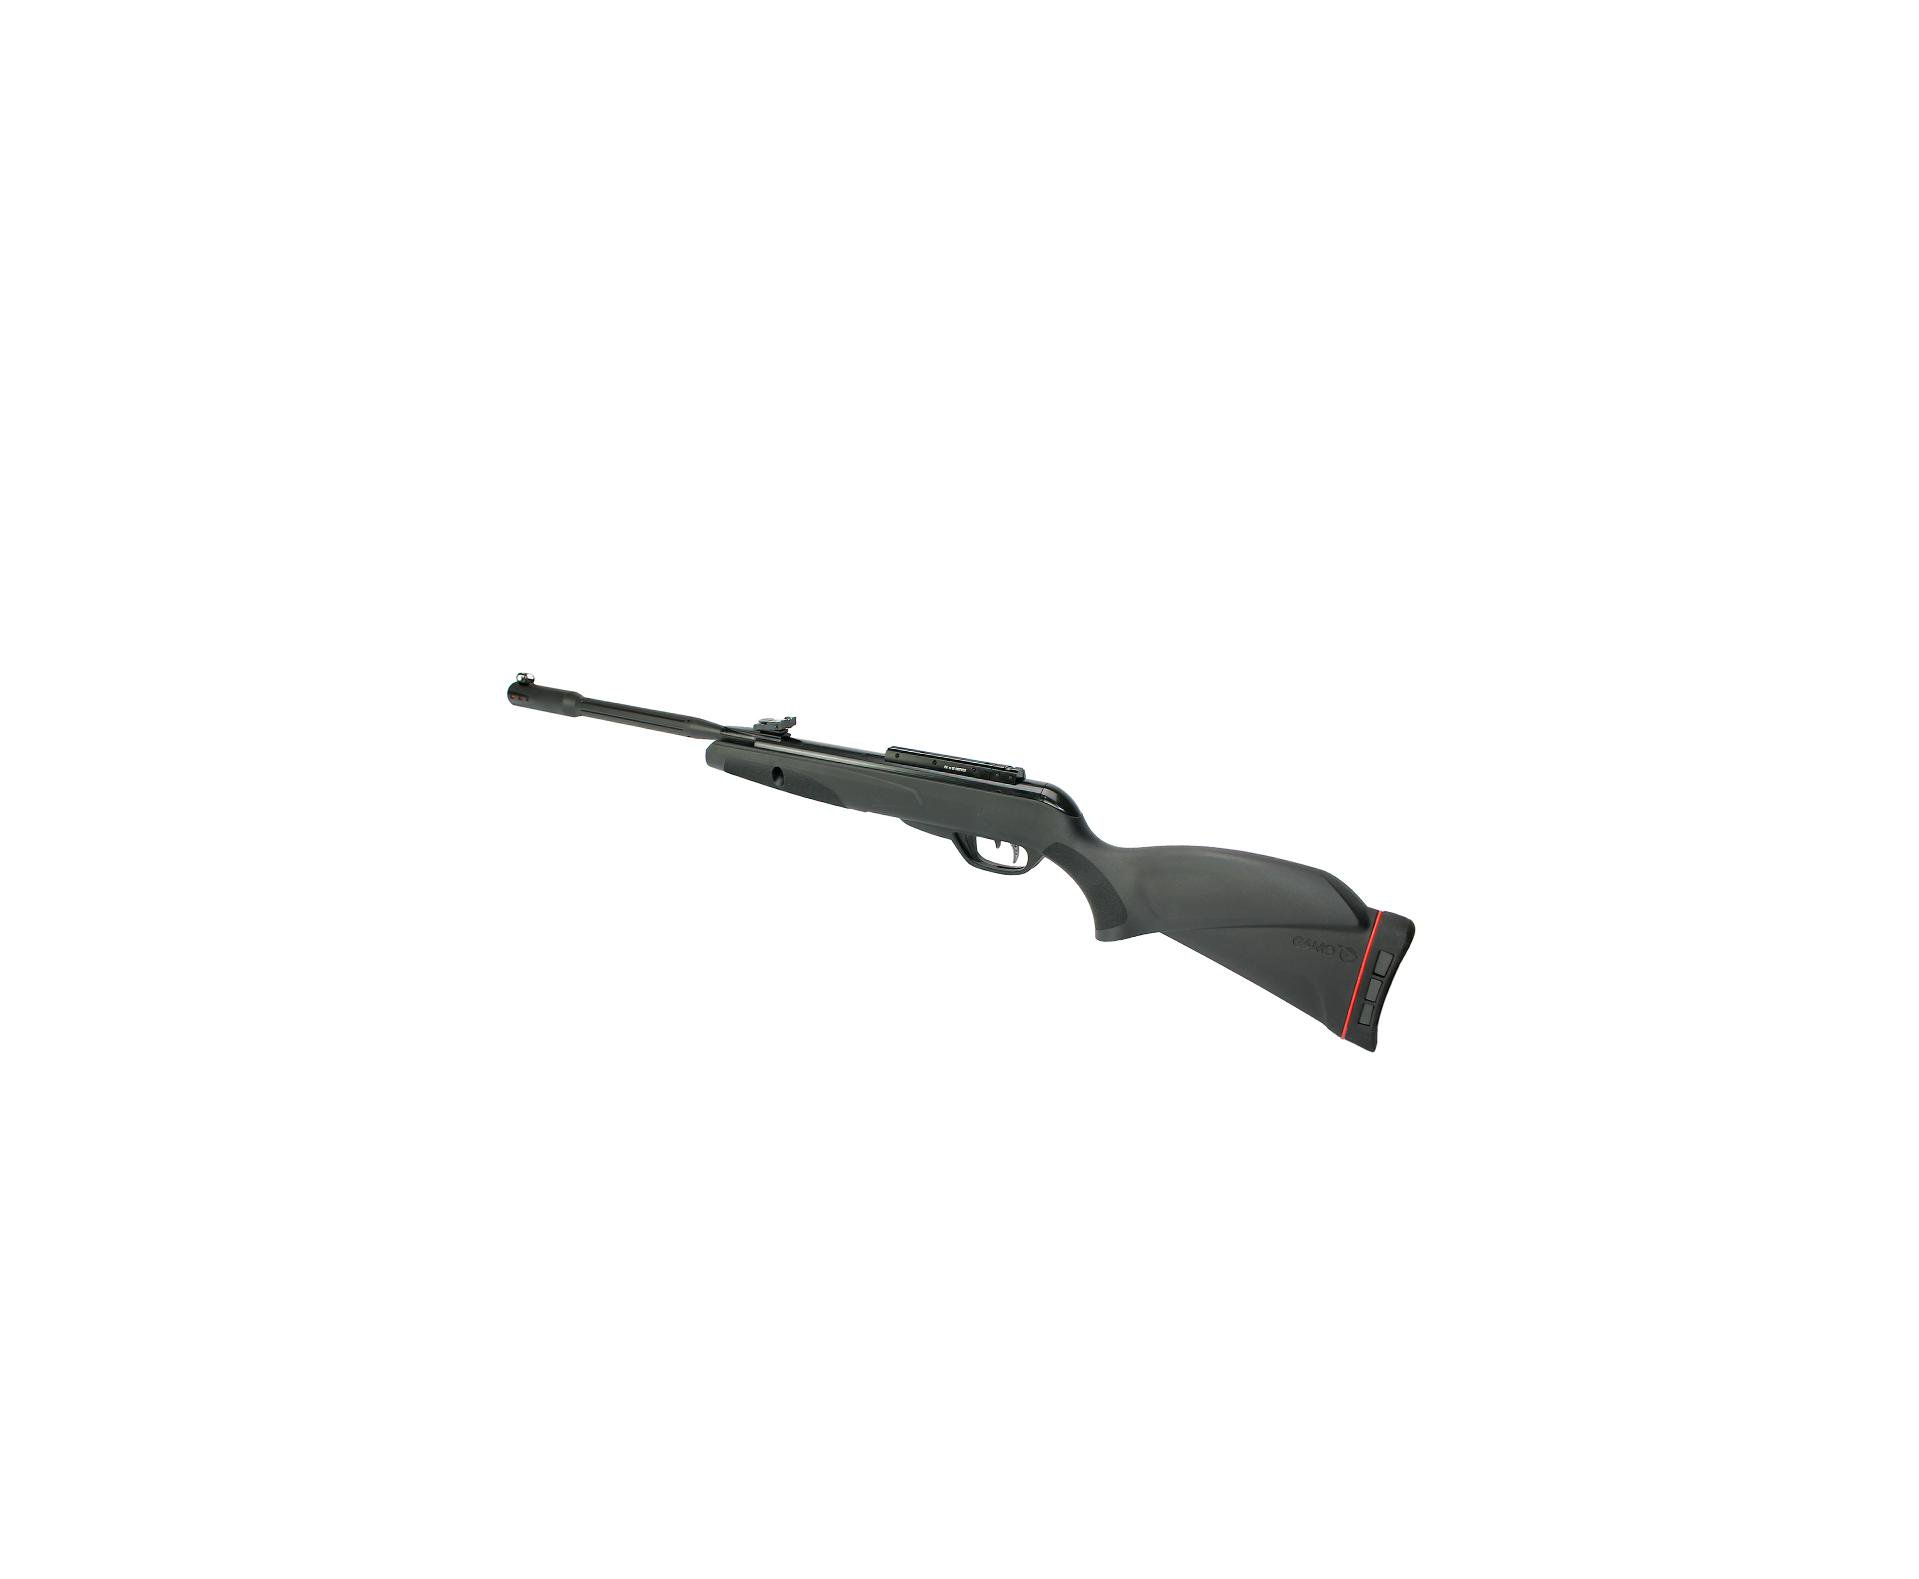 Carabina De Pressão Black Fusion Igt Mach 1 Gas Ram- Polimero Cal 4,5mm - Gamo